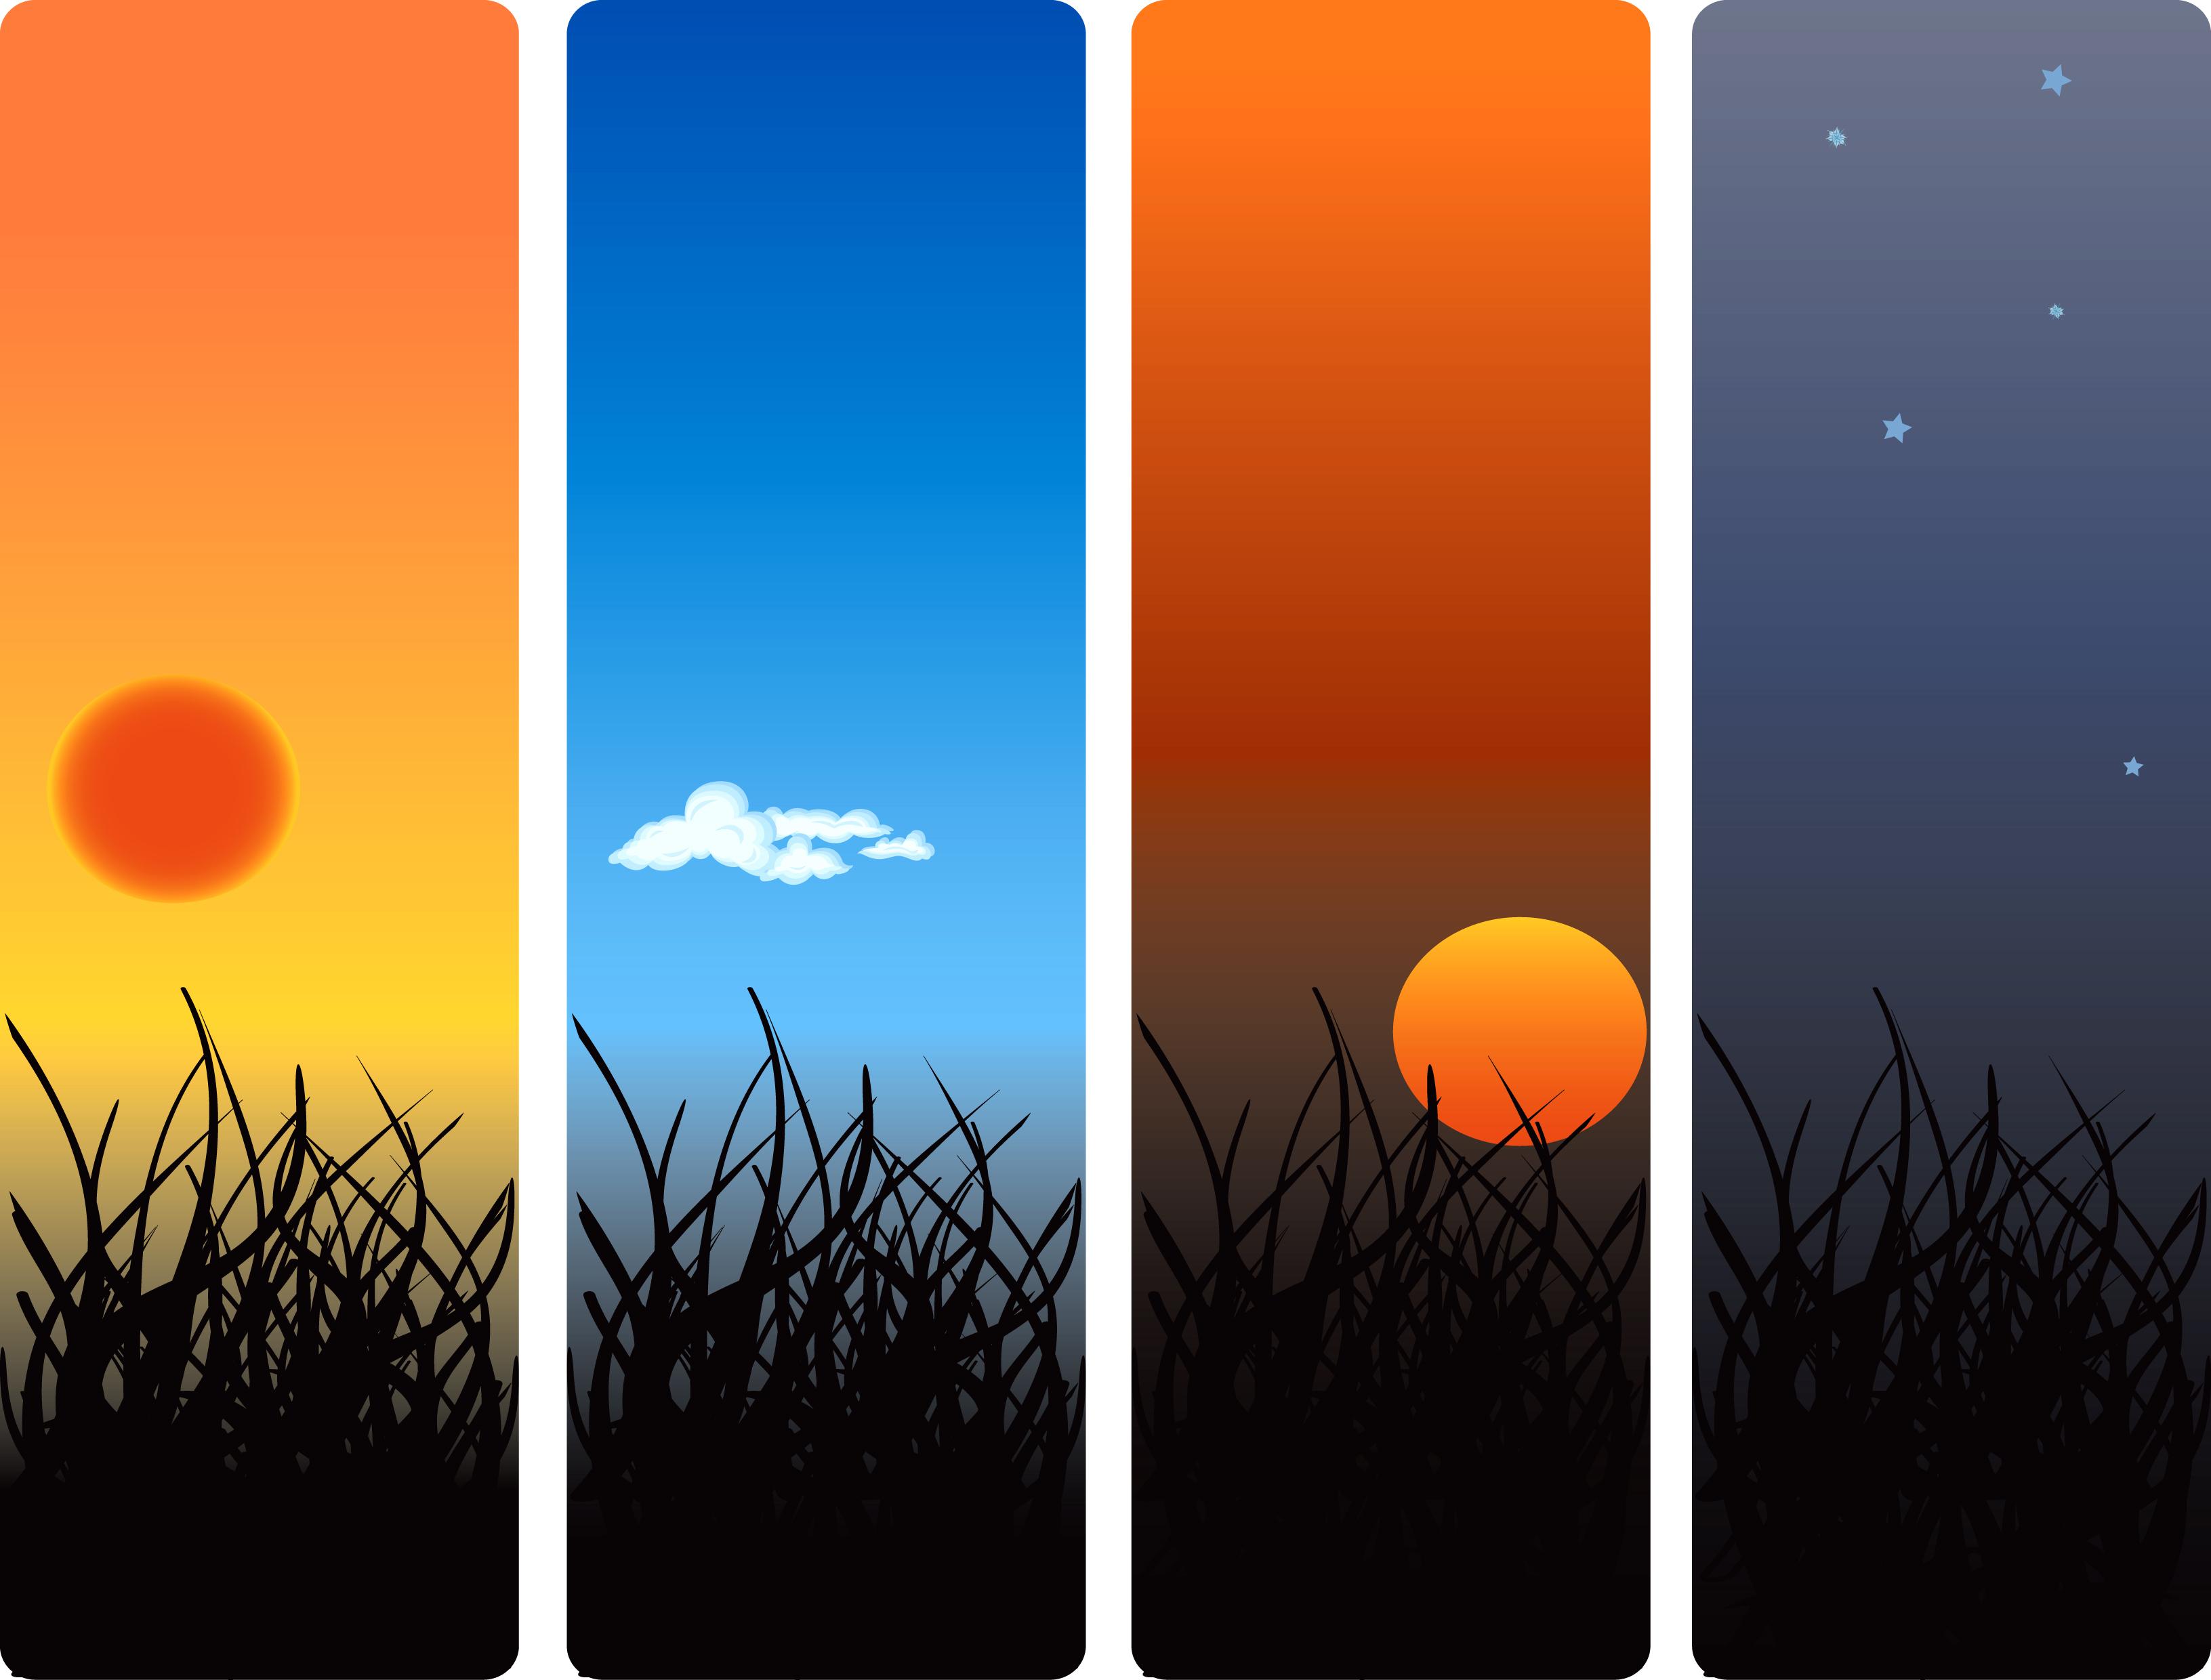 energia solar fotovoltaica _ ciclo diário do sol entre o amanhecer e o anoitecer